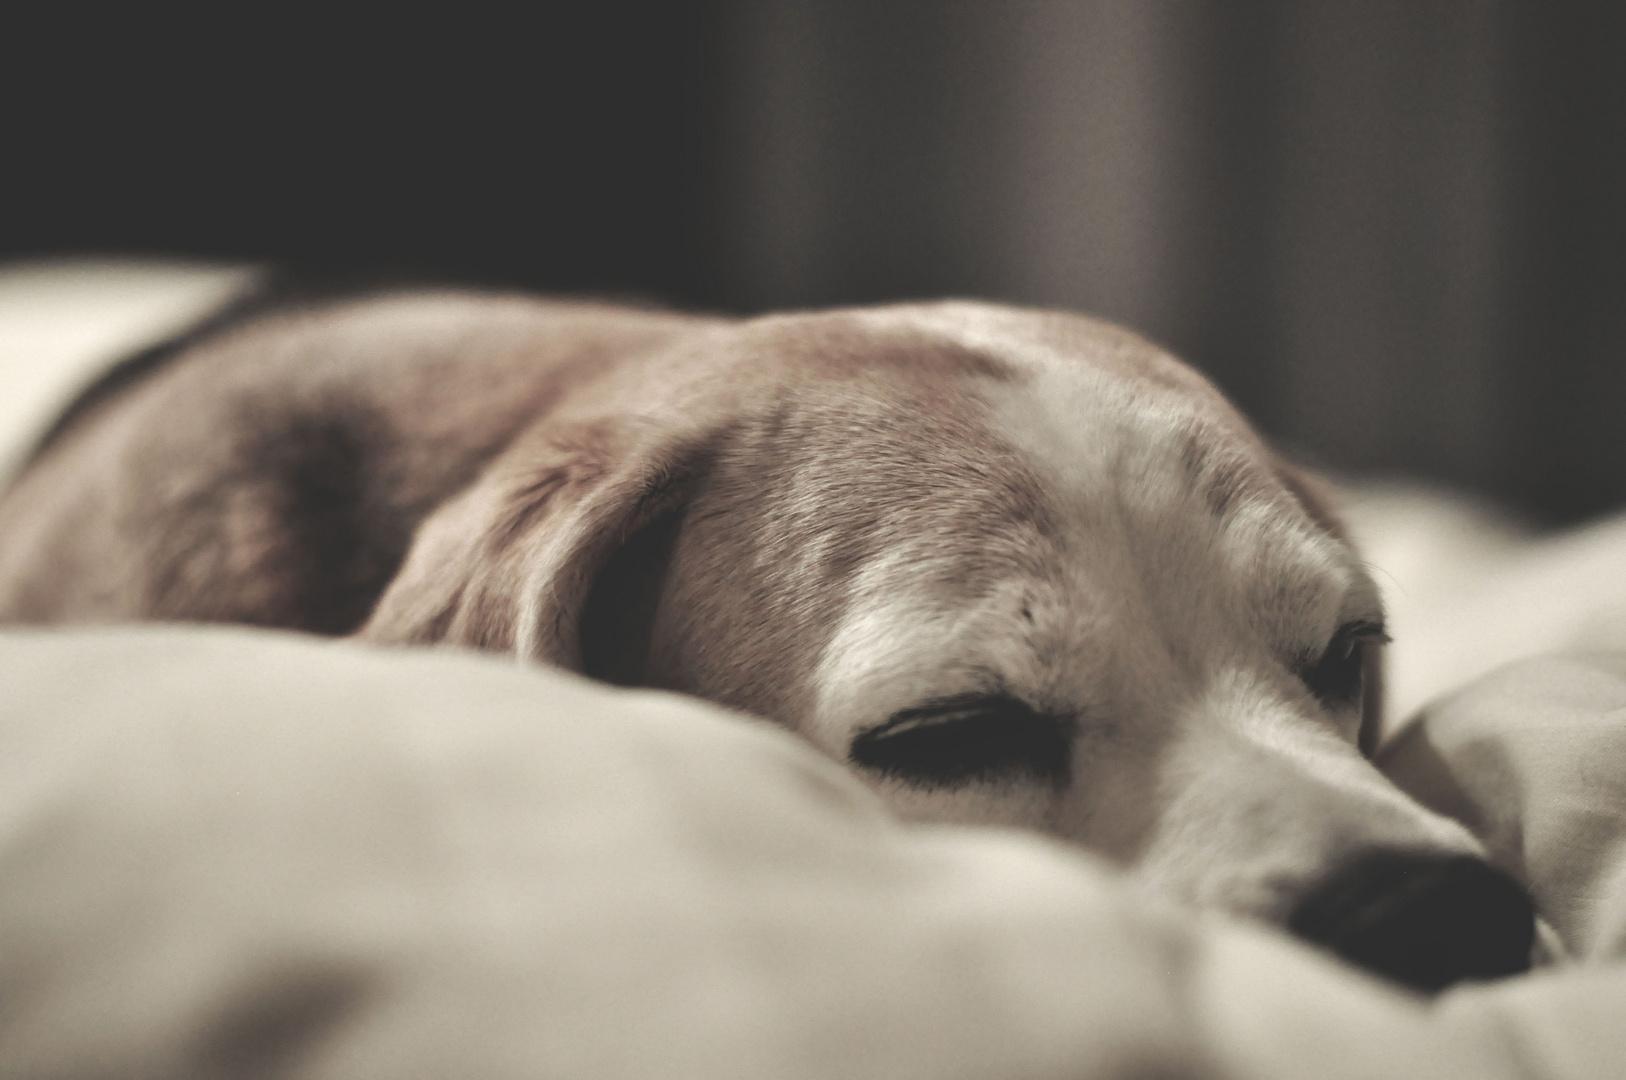 Müder Hund Im Bett Foto Bild Schlafen Hund Bett Bilder Auf